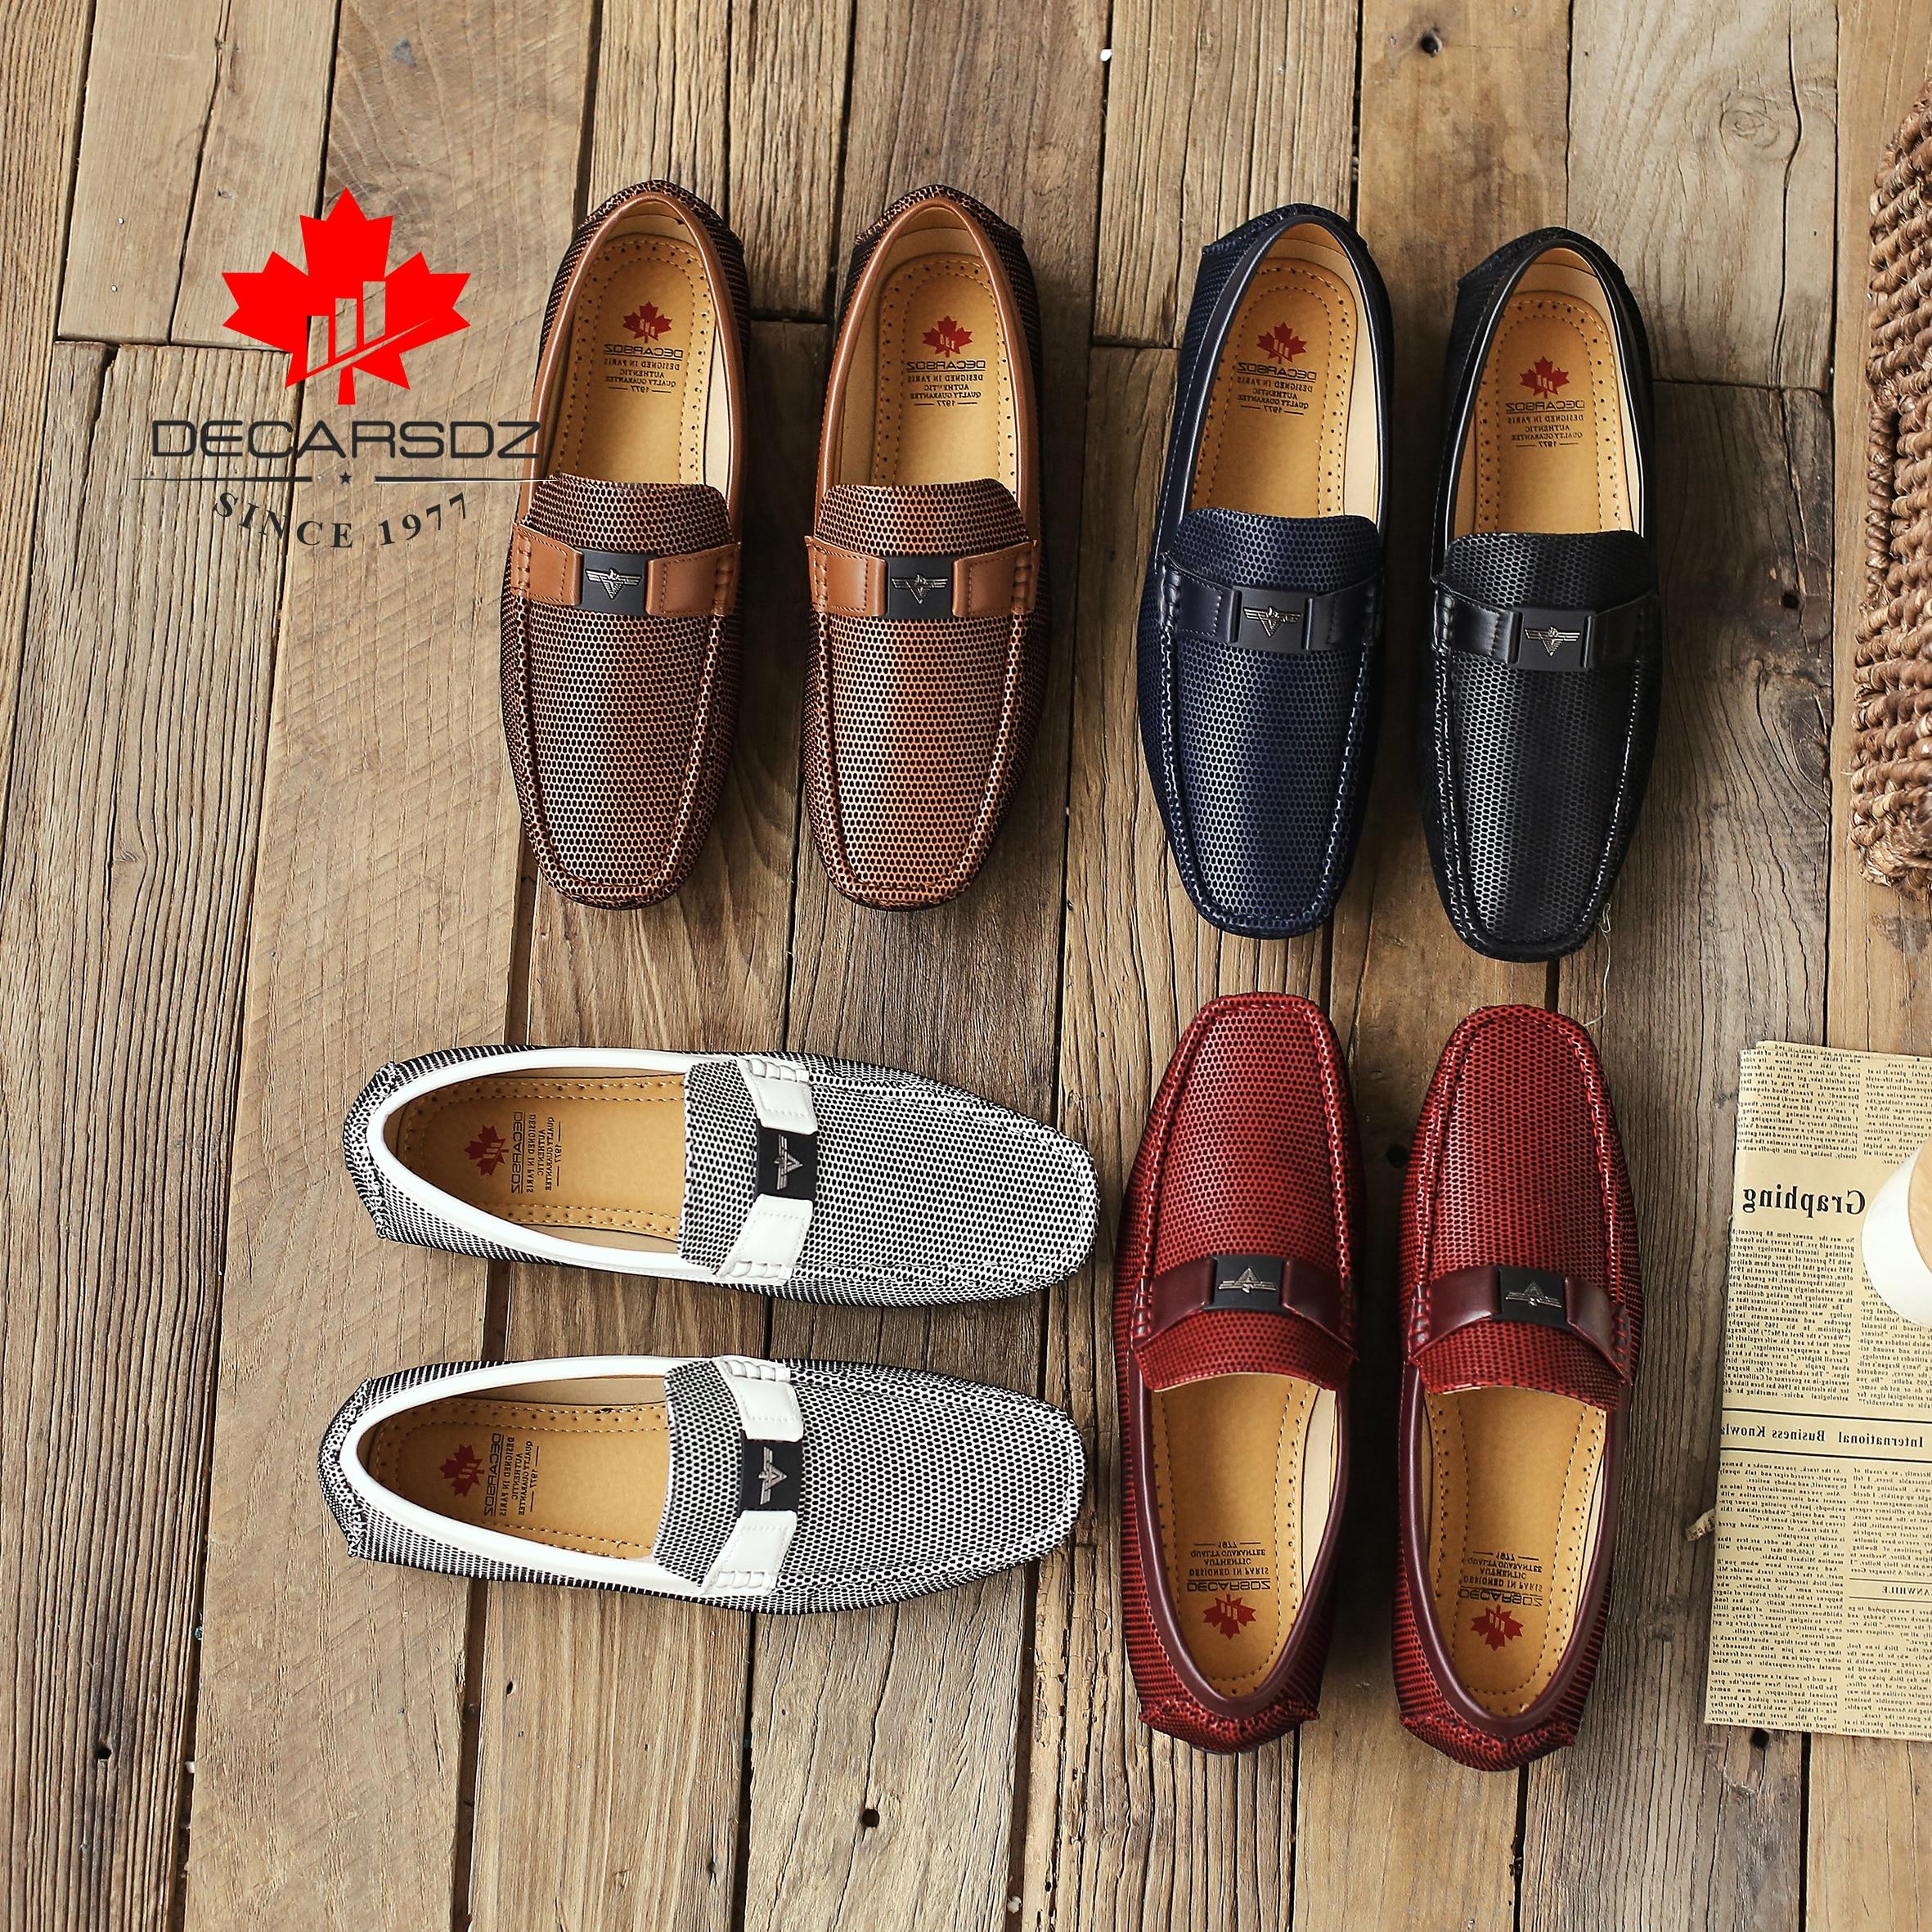 Men Loafers Shoes 2020 Autumn Fashion Boat Footwear Man Brand Moccasins Men S Shoes Men Slip Men Loafers Shoes Autumn Fashion Boat Footwear Man Brand Moccasins Men'S Shoes Men Slip-On Comfy Drive Men's Casual Shoes